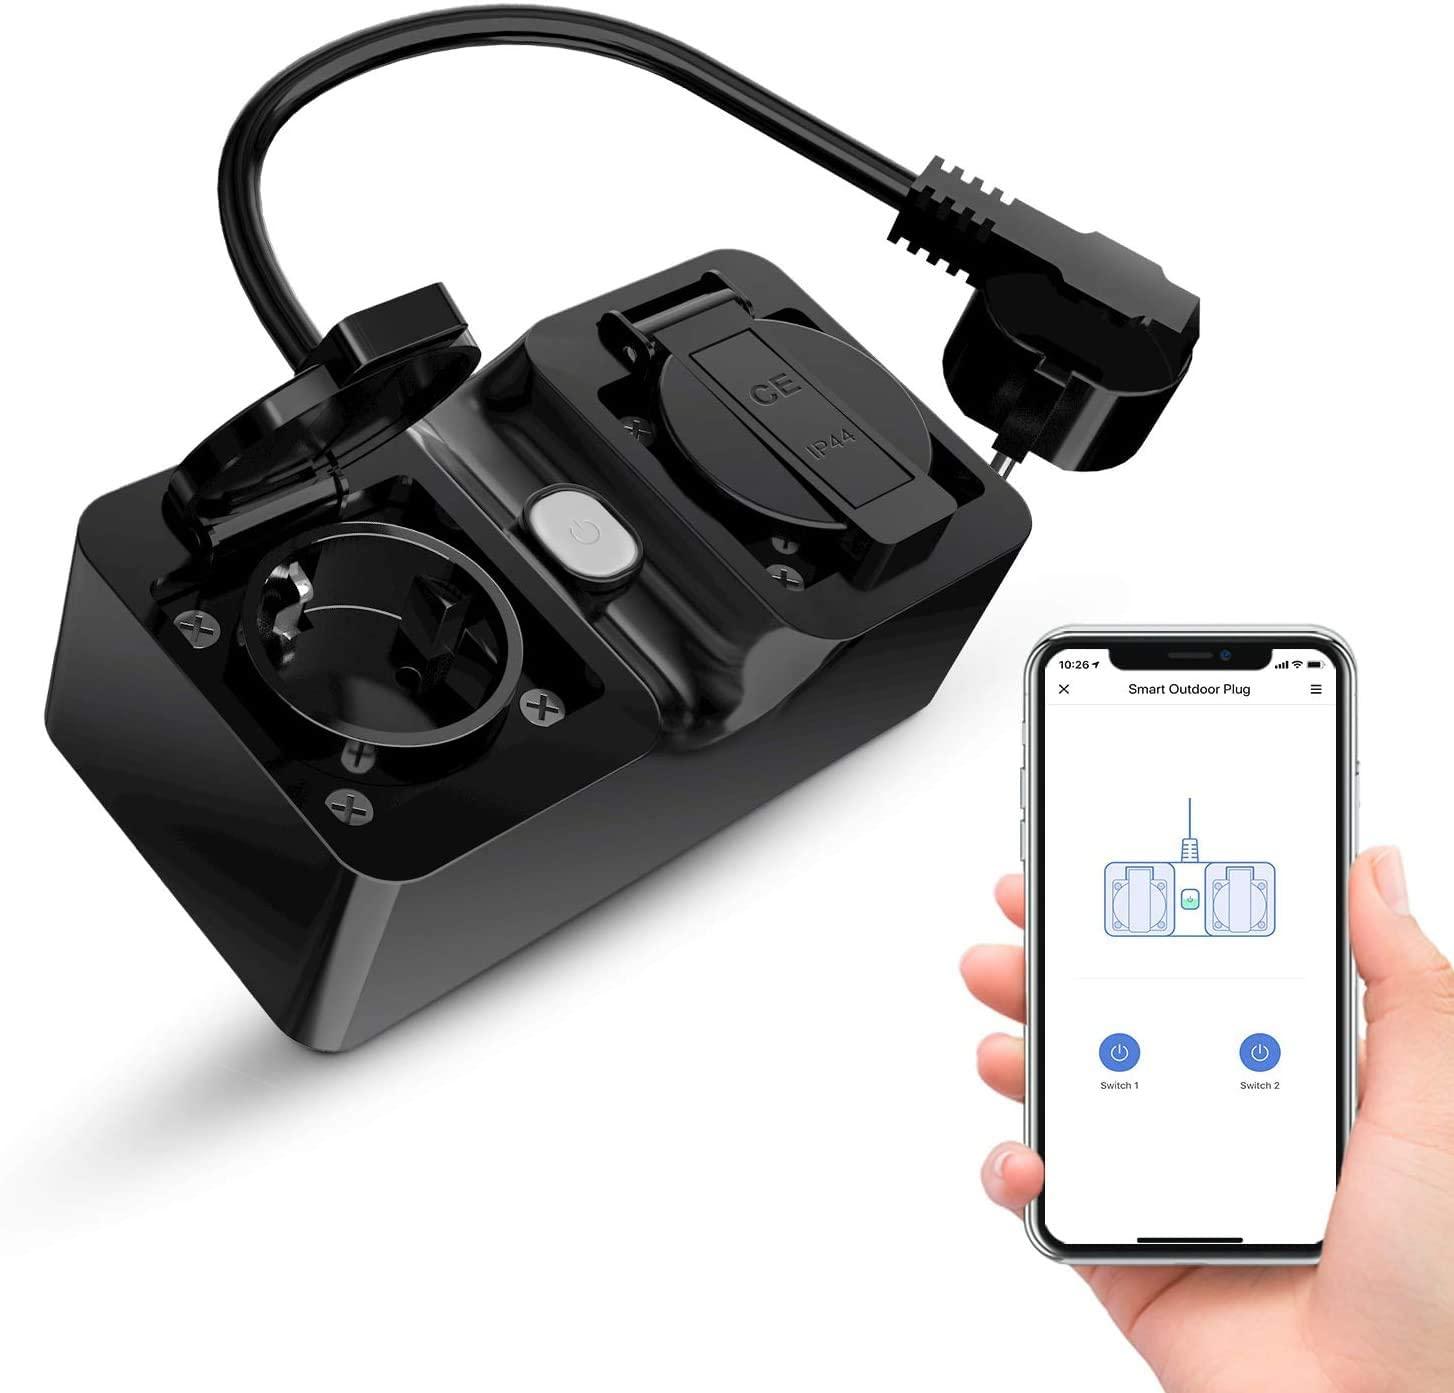 Enchufe inteligente doble exteriores compatible con Alexa, Google Home